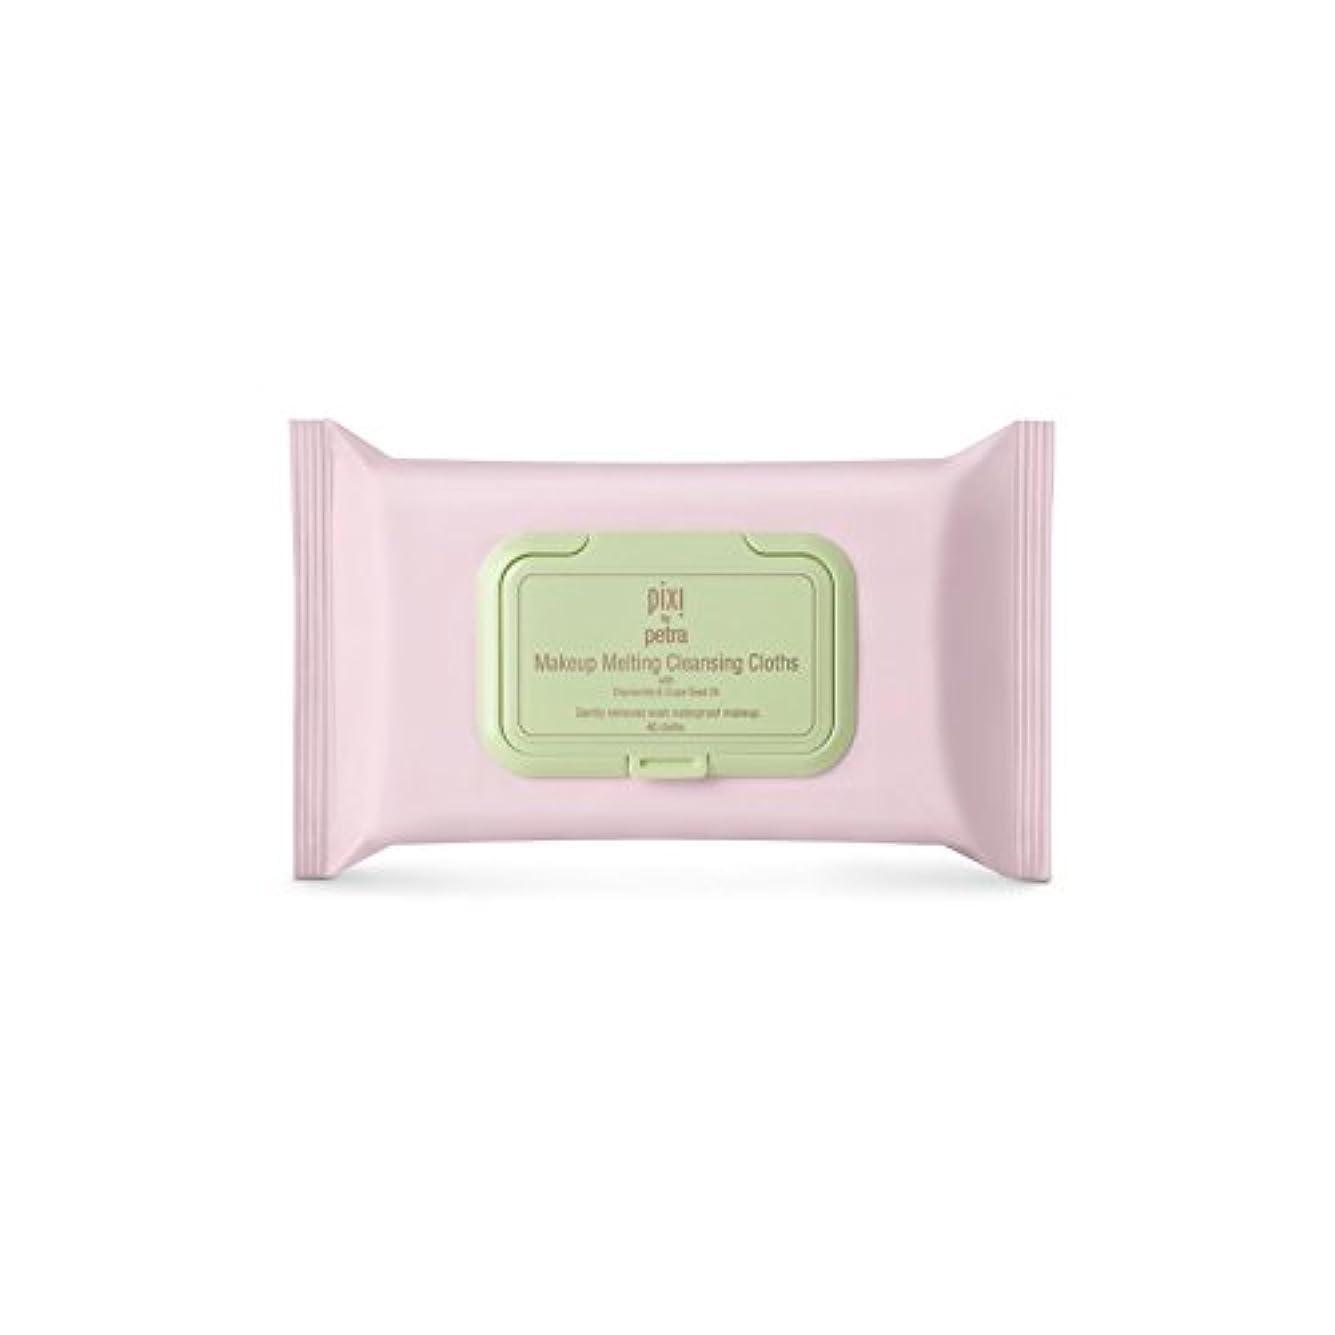 残忍な植物学者現れるPixi Makeup Melting Cleansing Cloths (Pack of 6) - 化粧溶融クレンジングクロス x6 [並行輸入品]